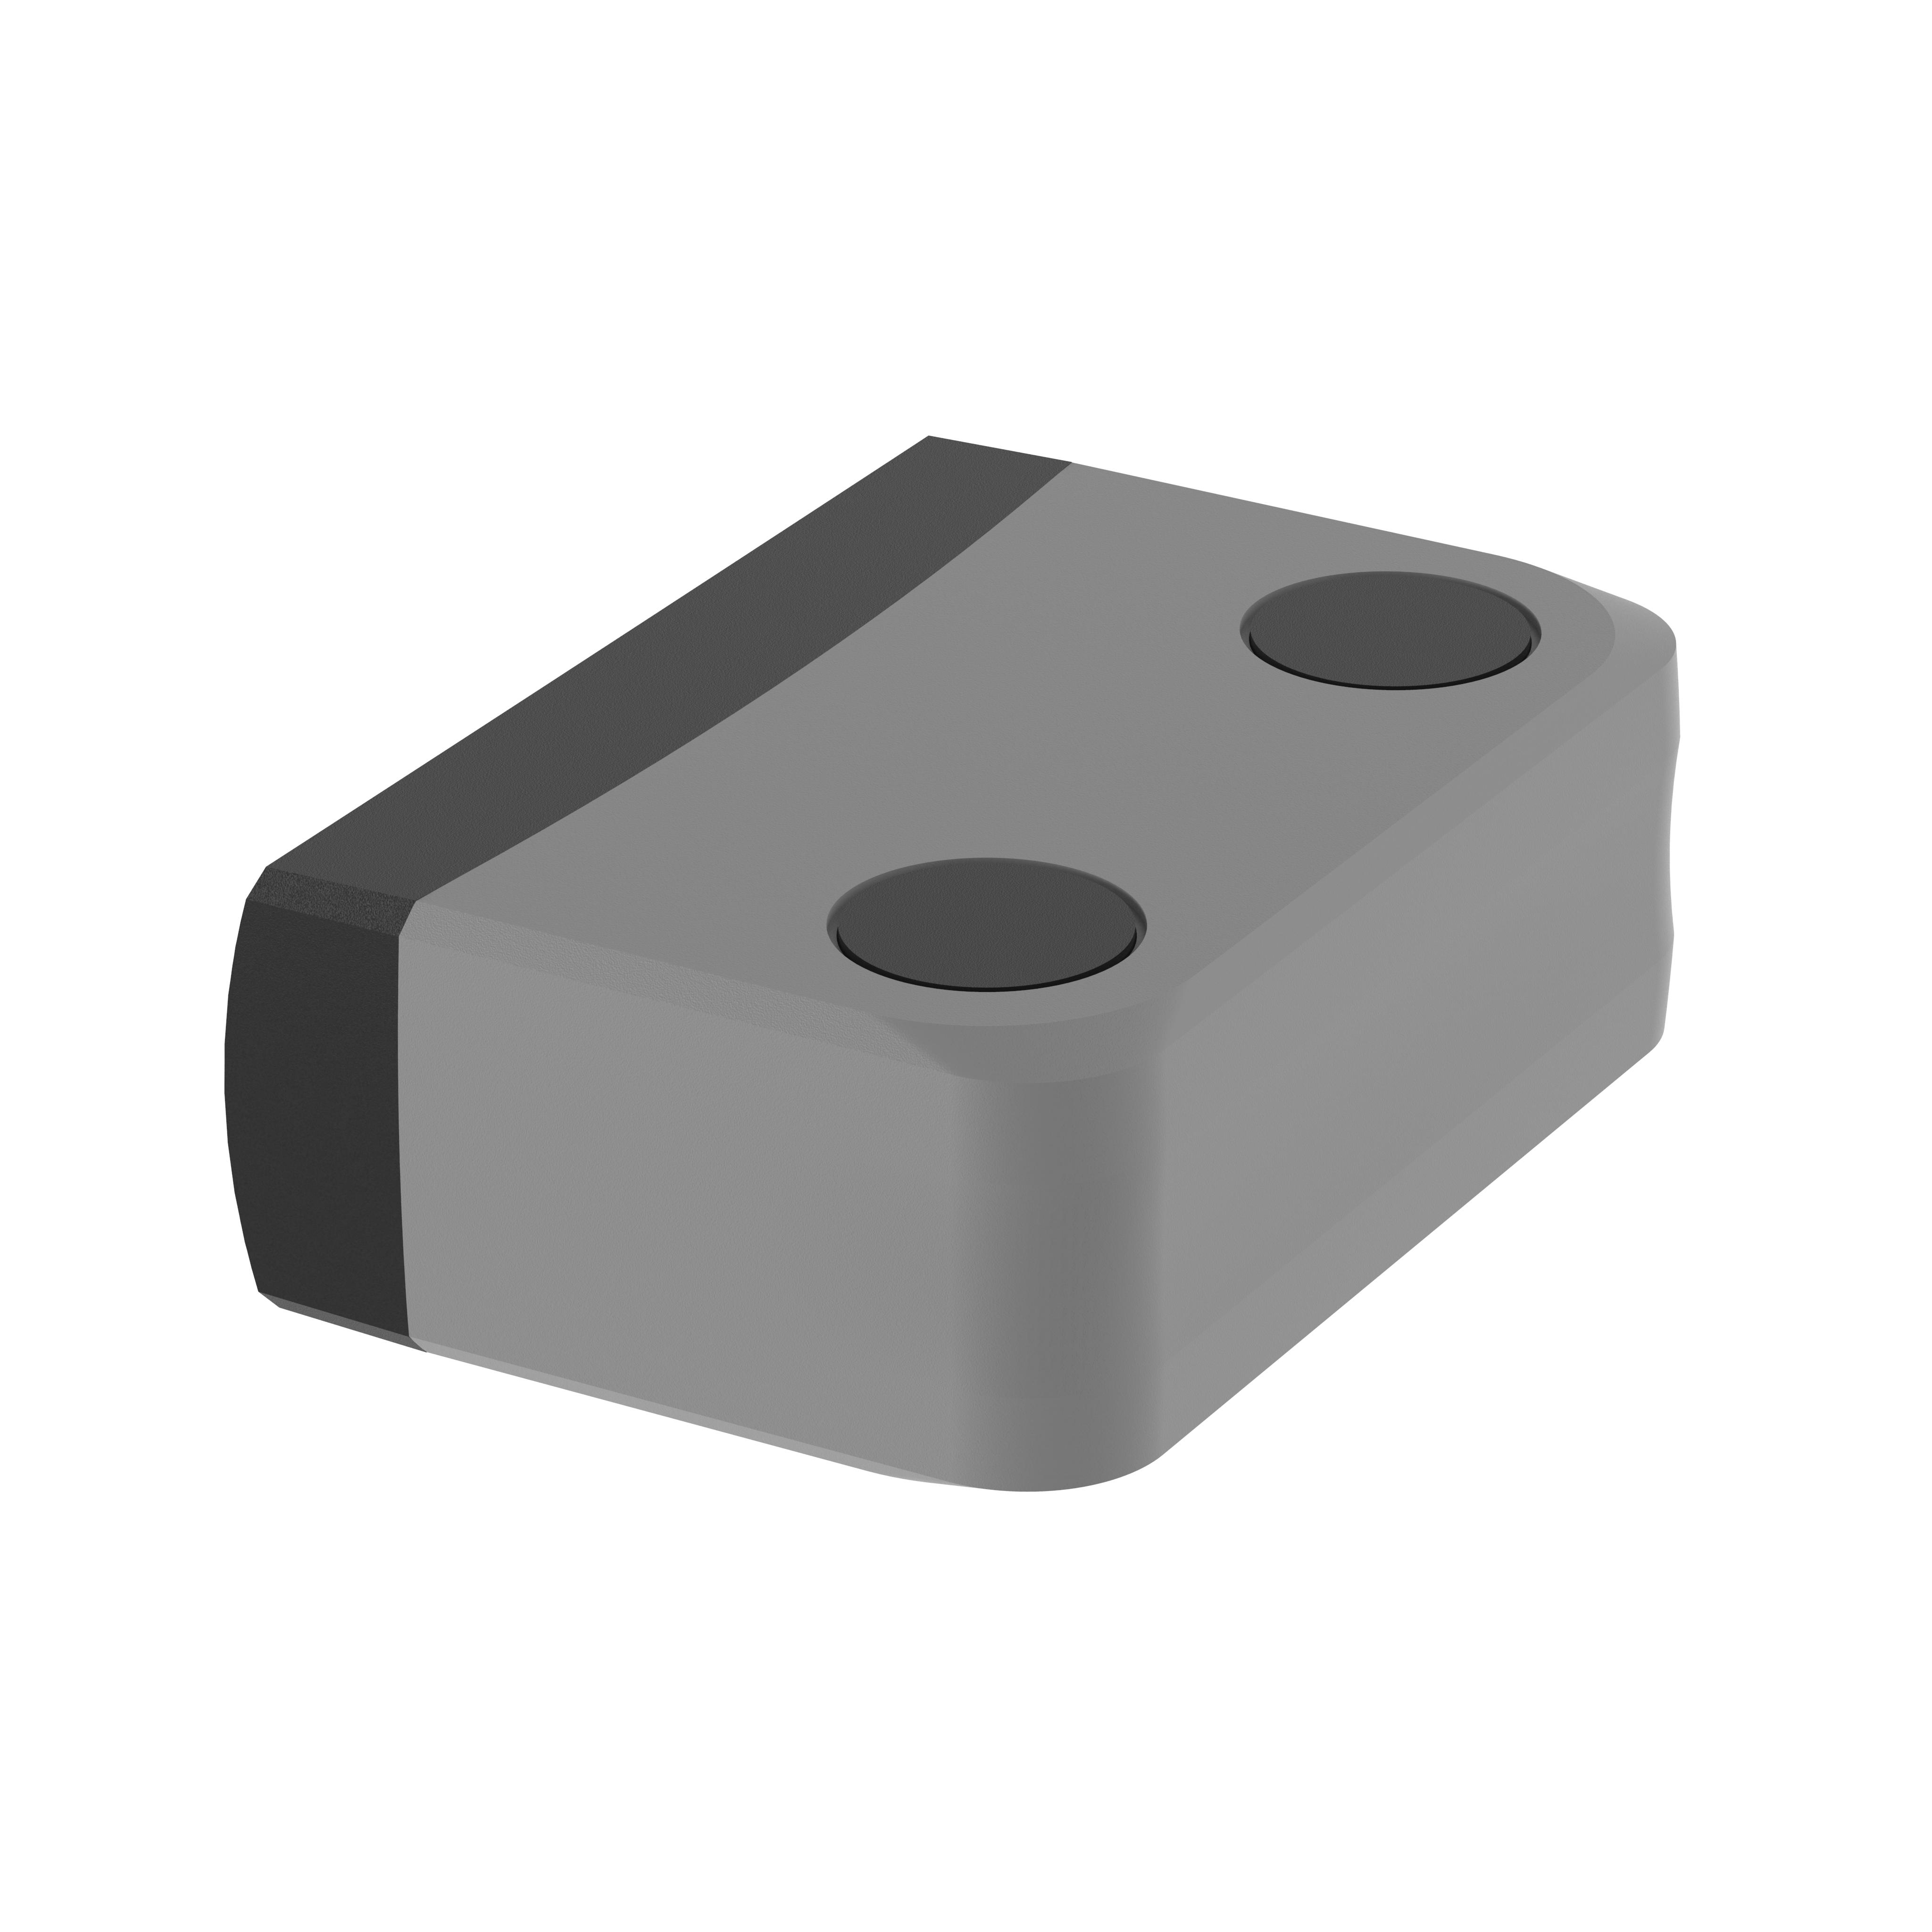 Betätiger für Sicherheitssensoren - 153MBK201 - Zubehör eloprotect M